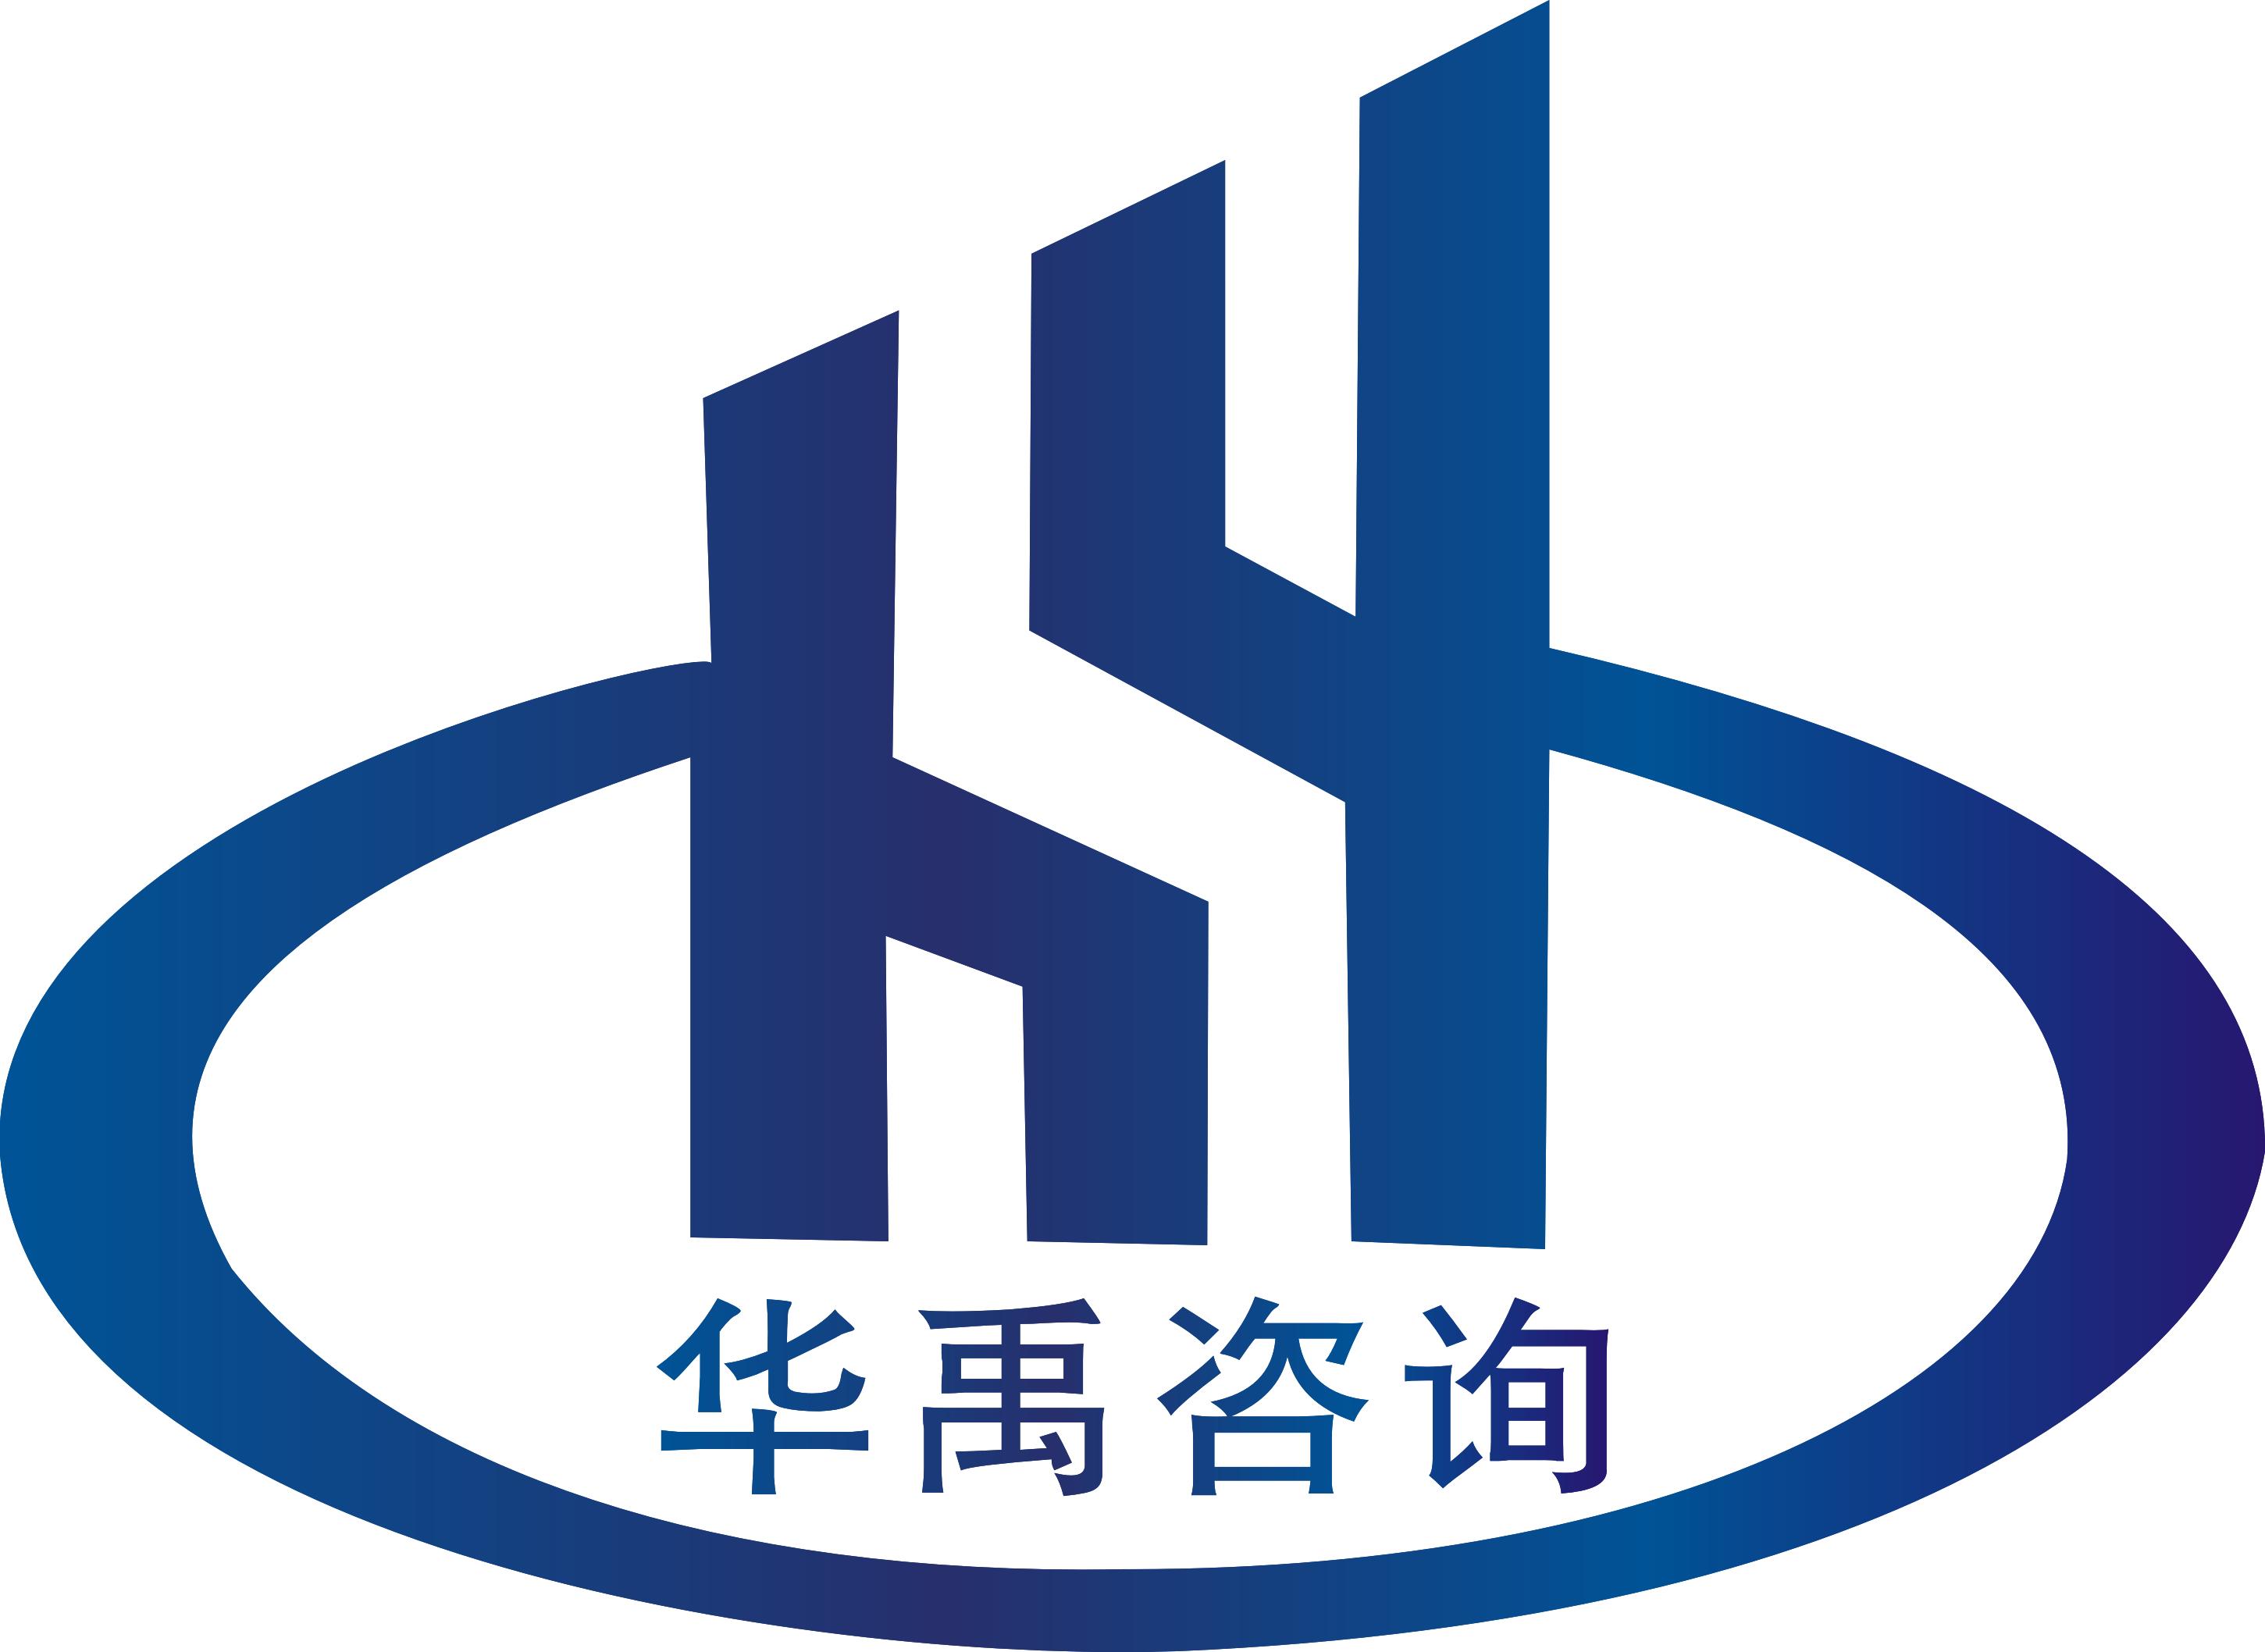 广东华禹工程咨询有限公司深圳分公司